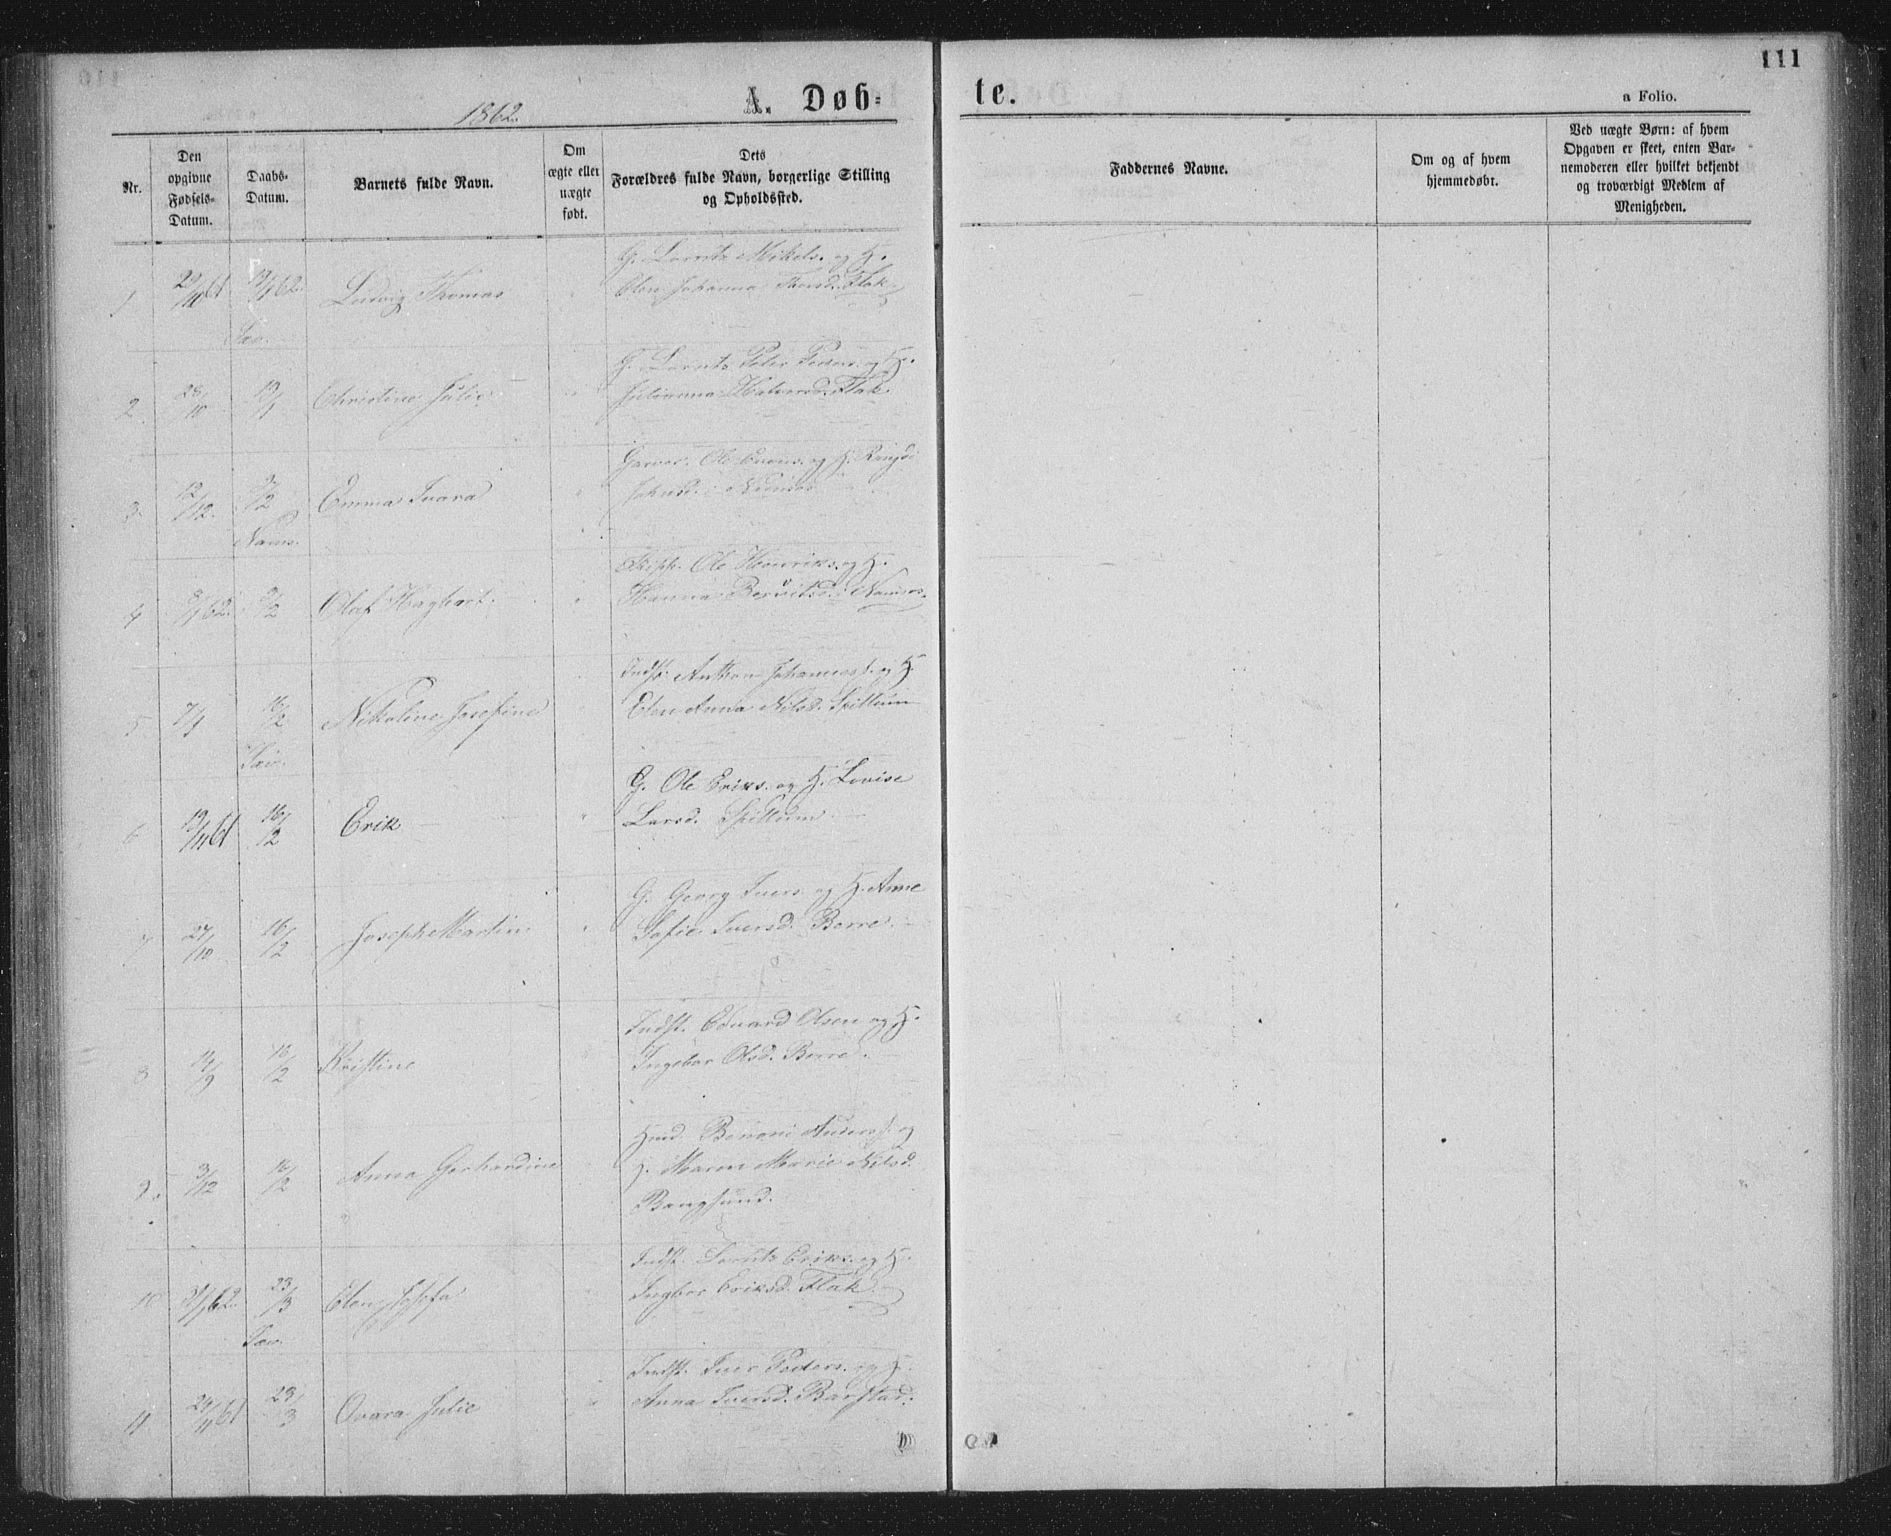 SAT, Ministerialprotokoller, klokkerbøker og fødselsregistre - Nord-Trøndelag, 768/L0566: Ministerialbok nr. 768A01, 1836-1865, s. 111